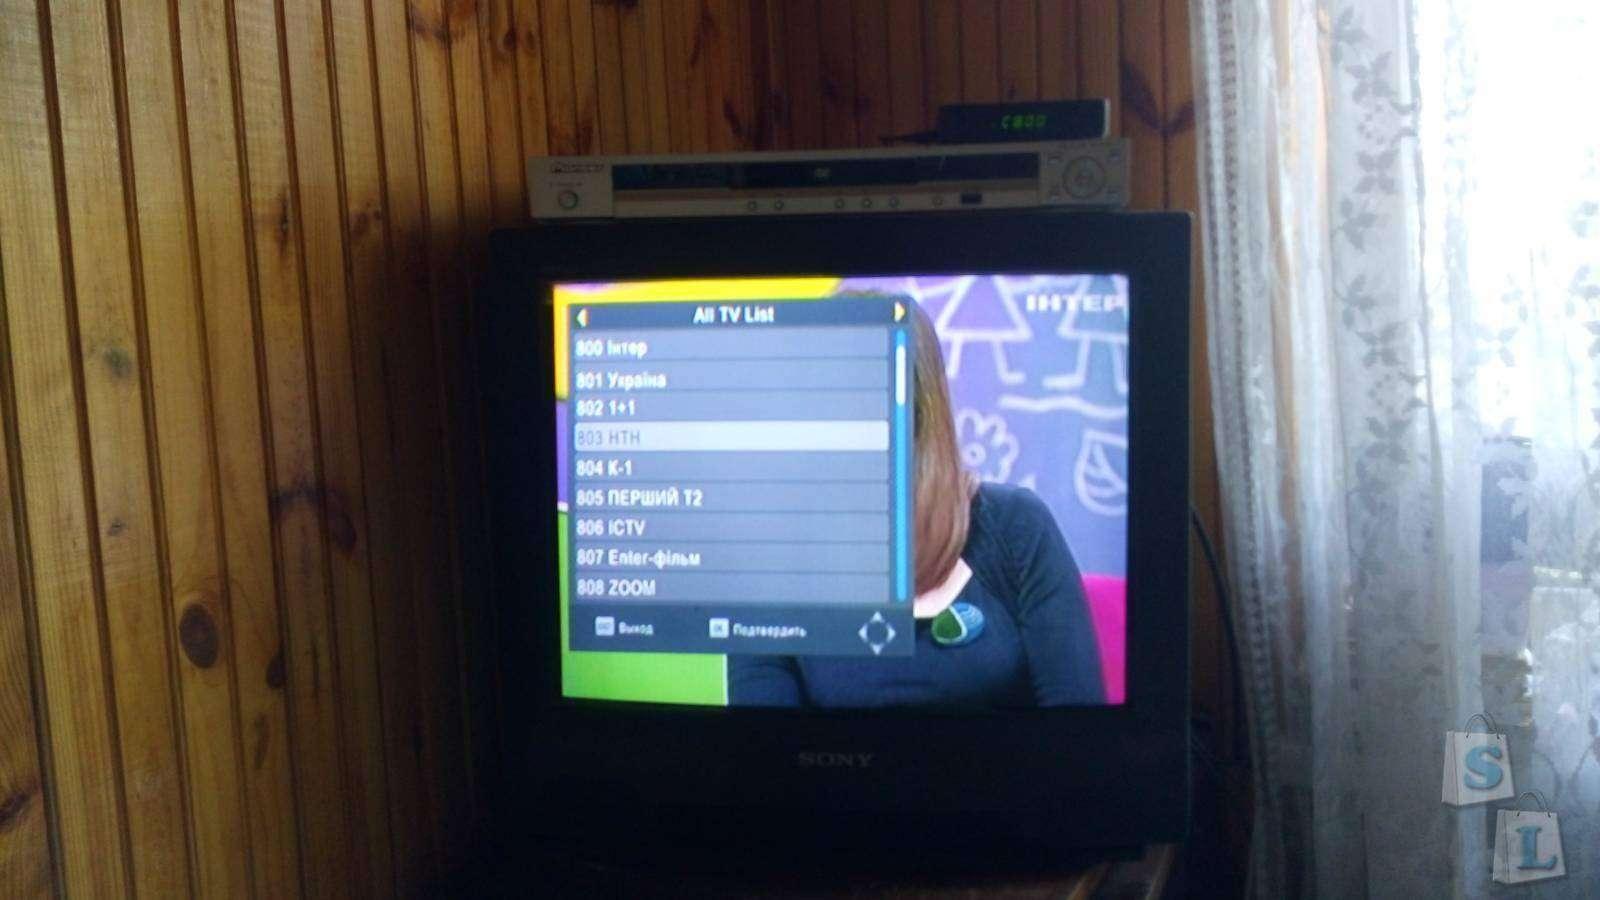 Banggood: Куда я дел купон - обзор DVB-T2 тюнера